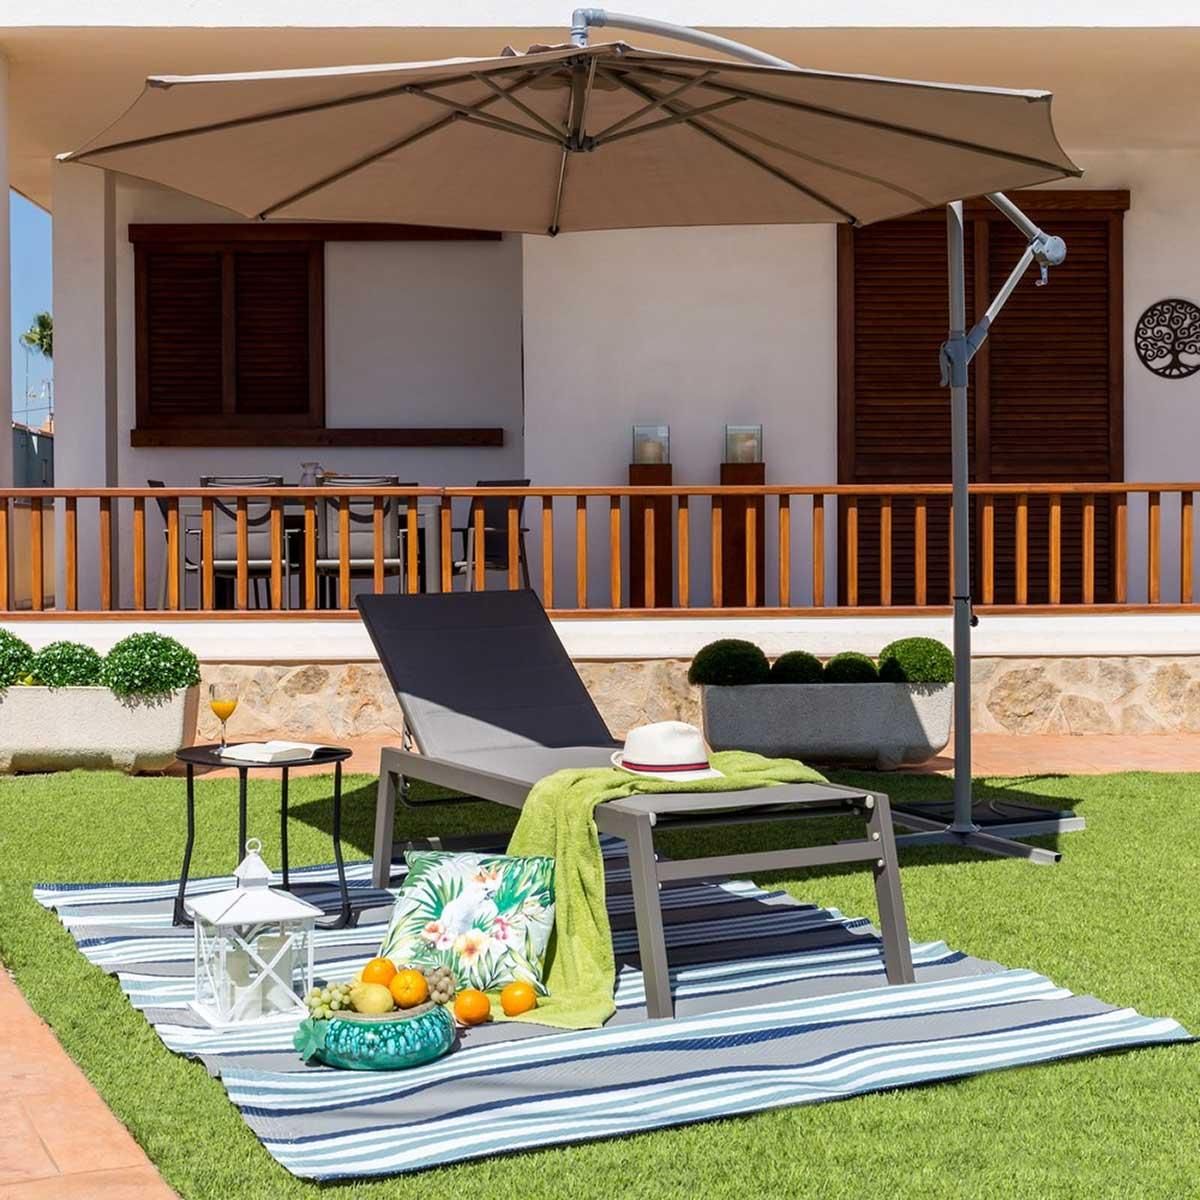 Chaise longue en aluminium et textilène - Gris - 200.00 cm x 102.00 cm x 65.00 cm